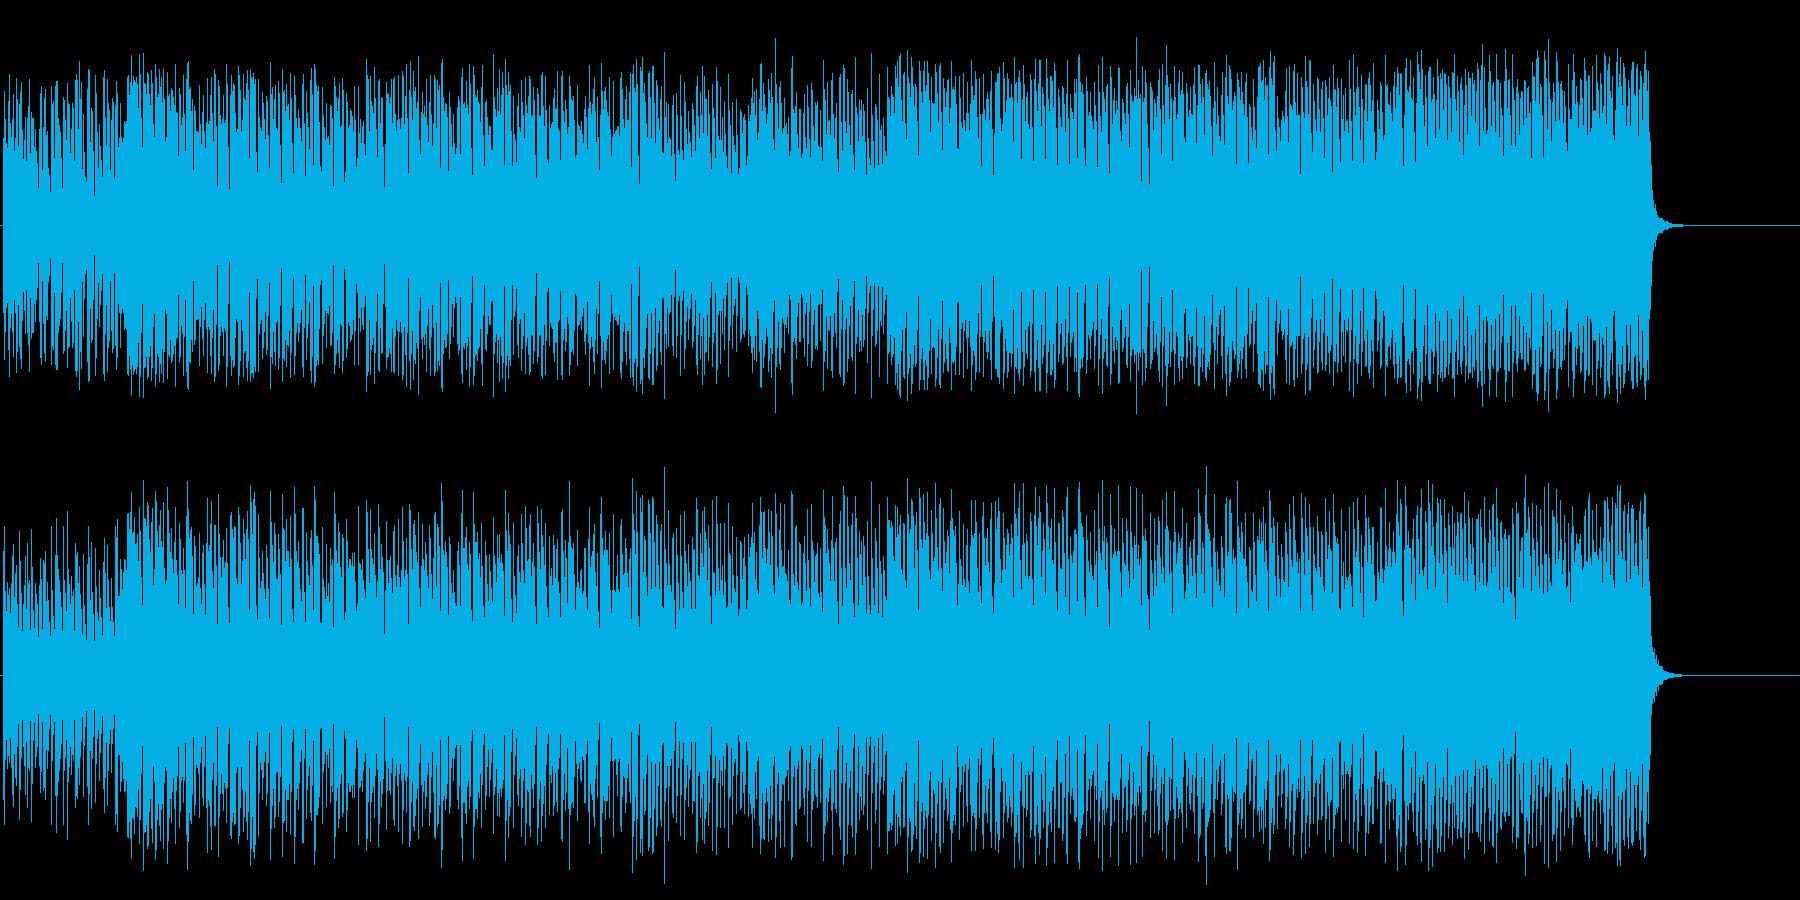 エスニックなポップ/テクノ/テーマの再生済みの波形